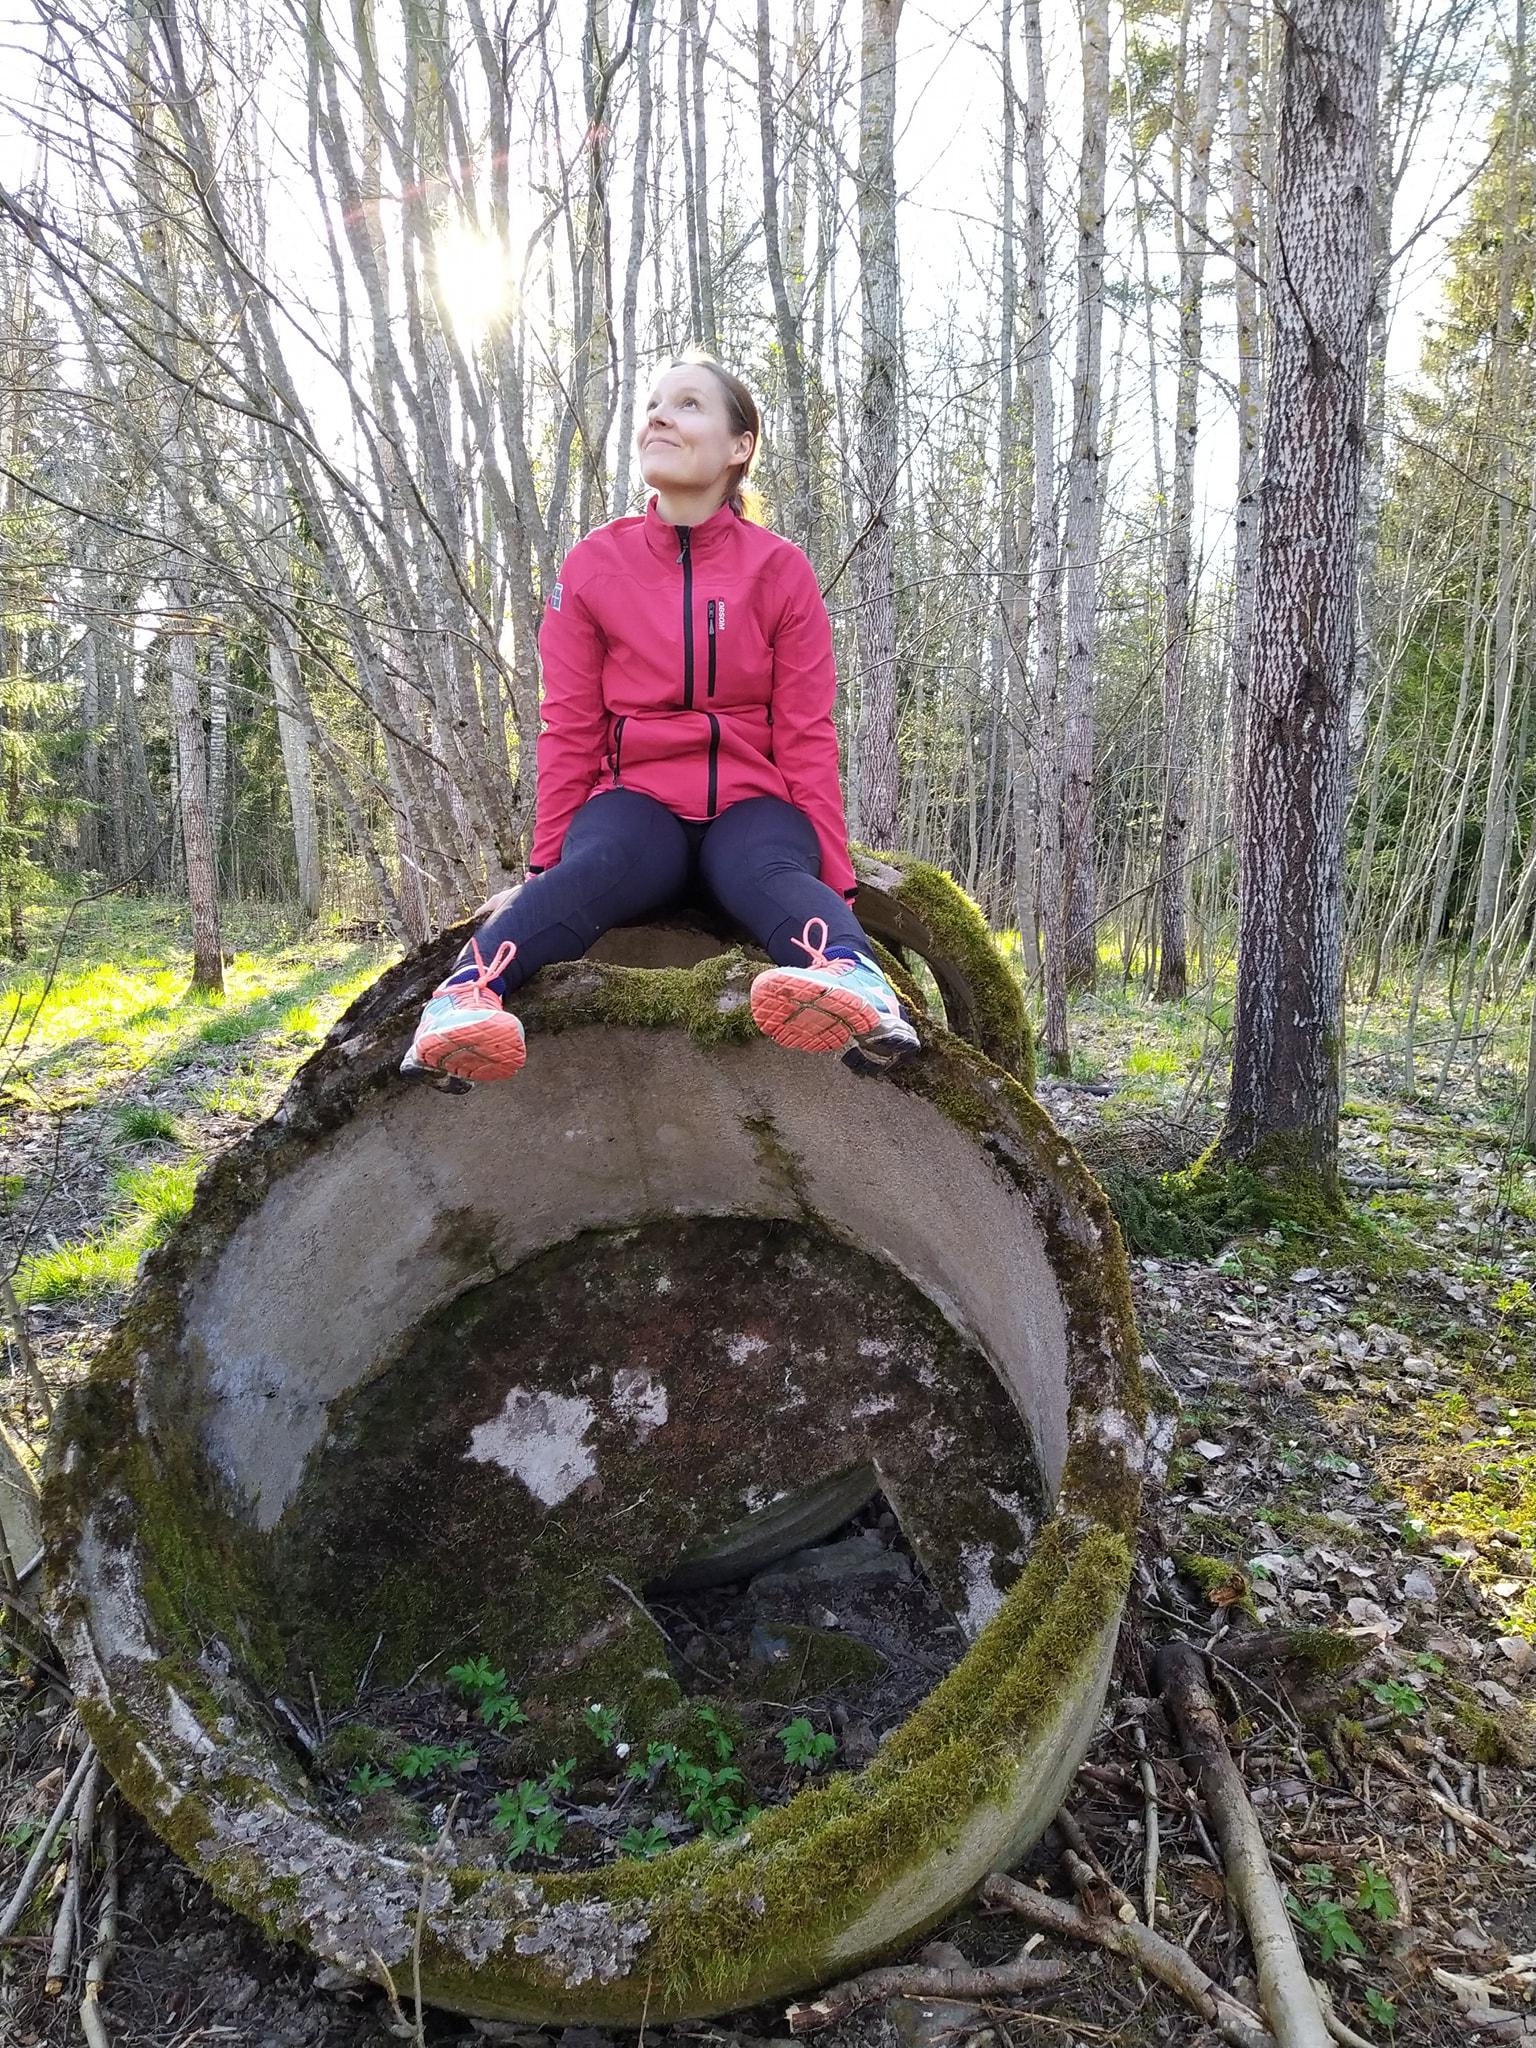 Vaikuttavin kuva, Henna Saarimäki